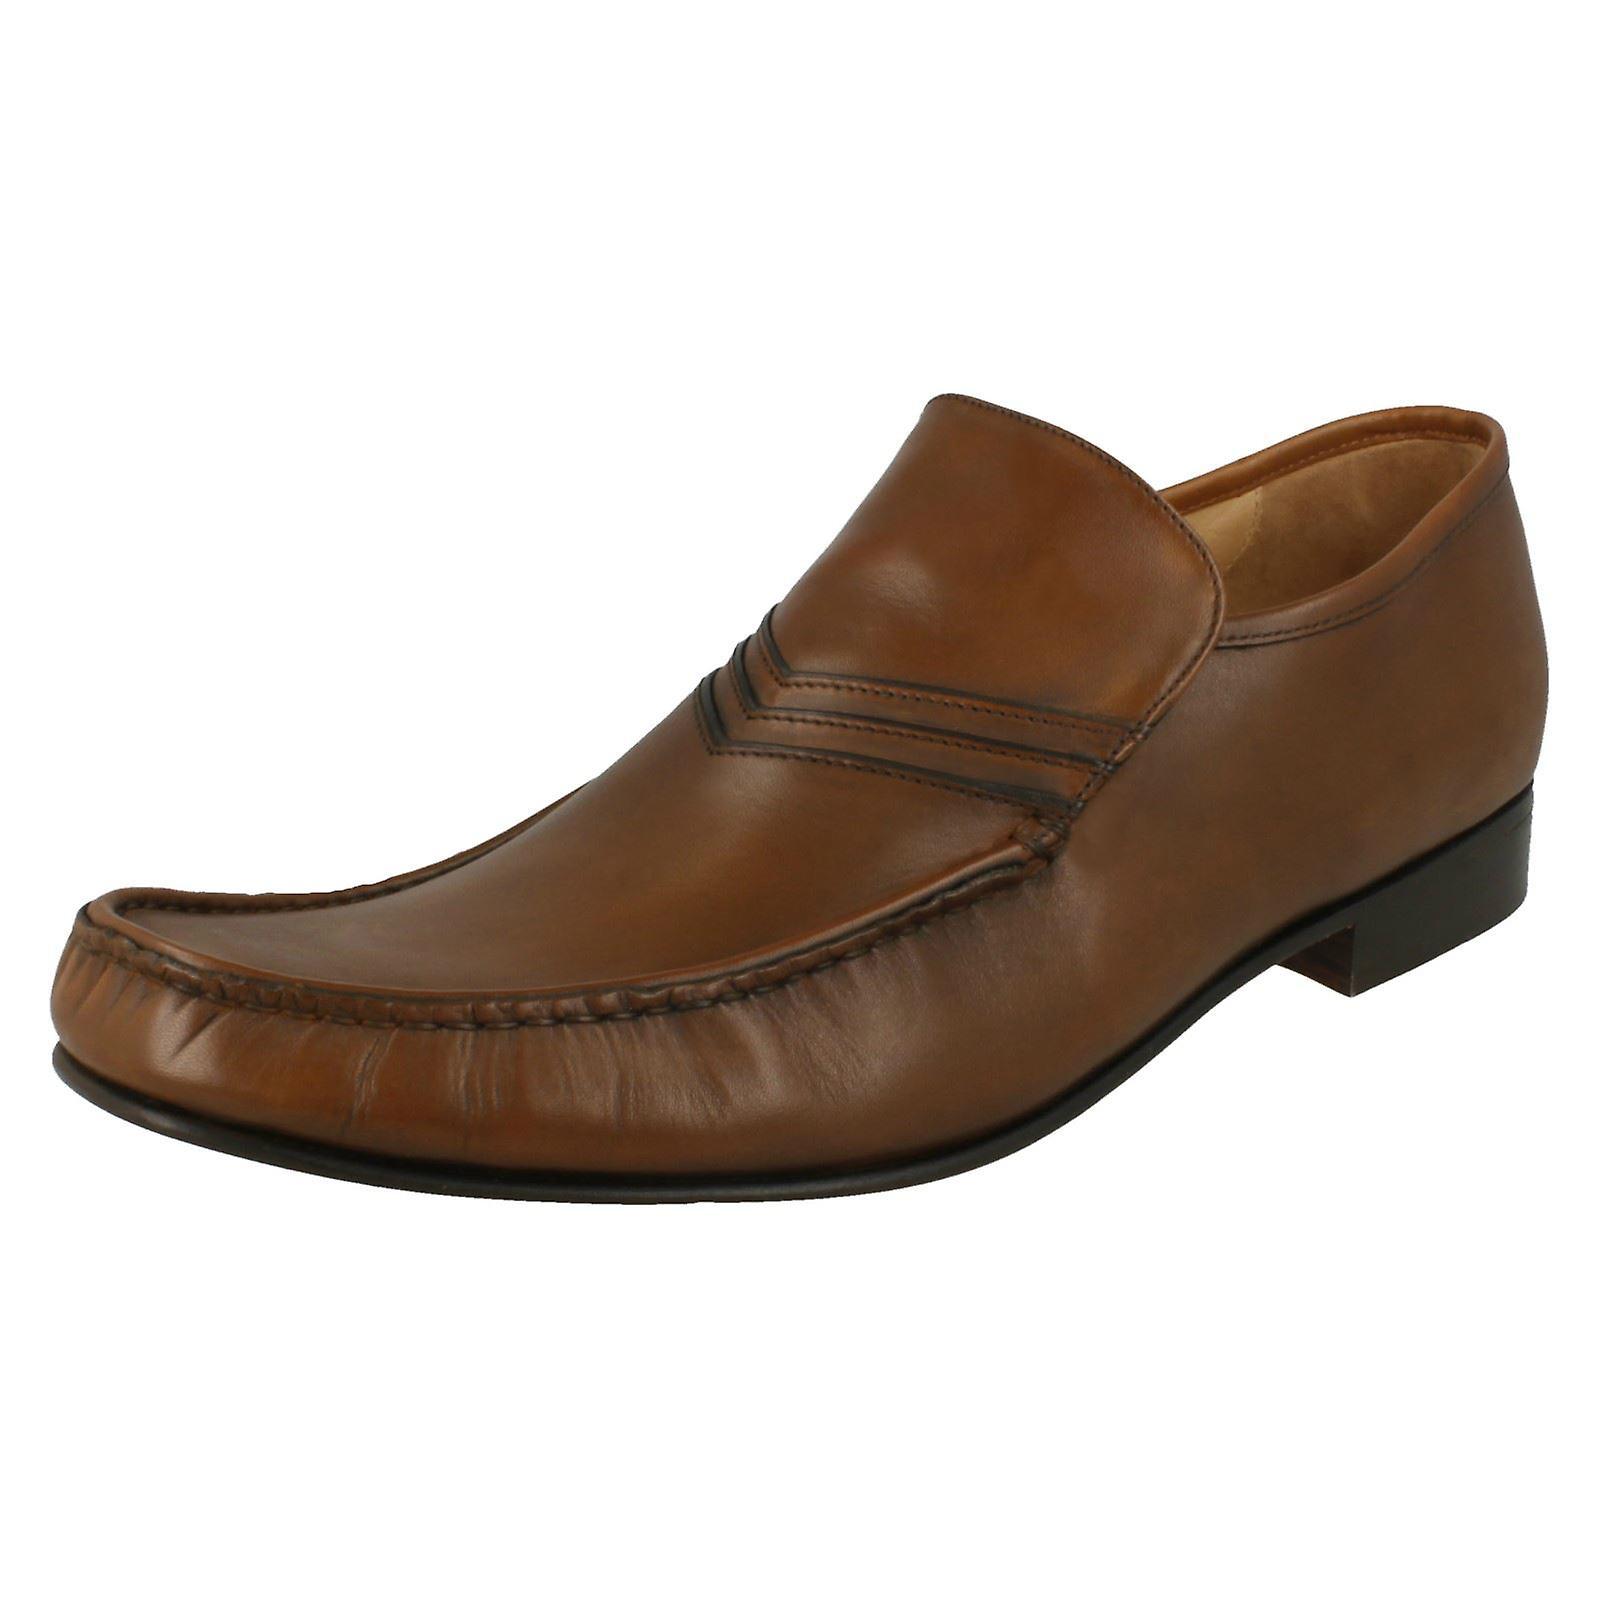 Mens Grenson Slip On Moccasin scarpe Idaho 9682 Mid Marronee Dimensione UK 7F | Speciale Offerta  | Scolaro/Signora Scarpa